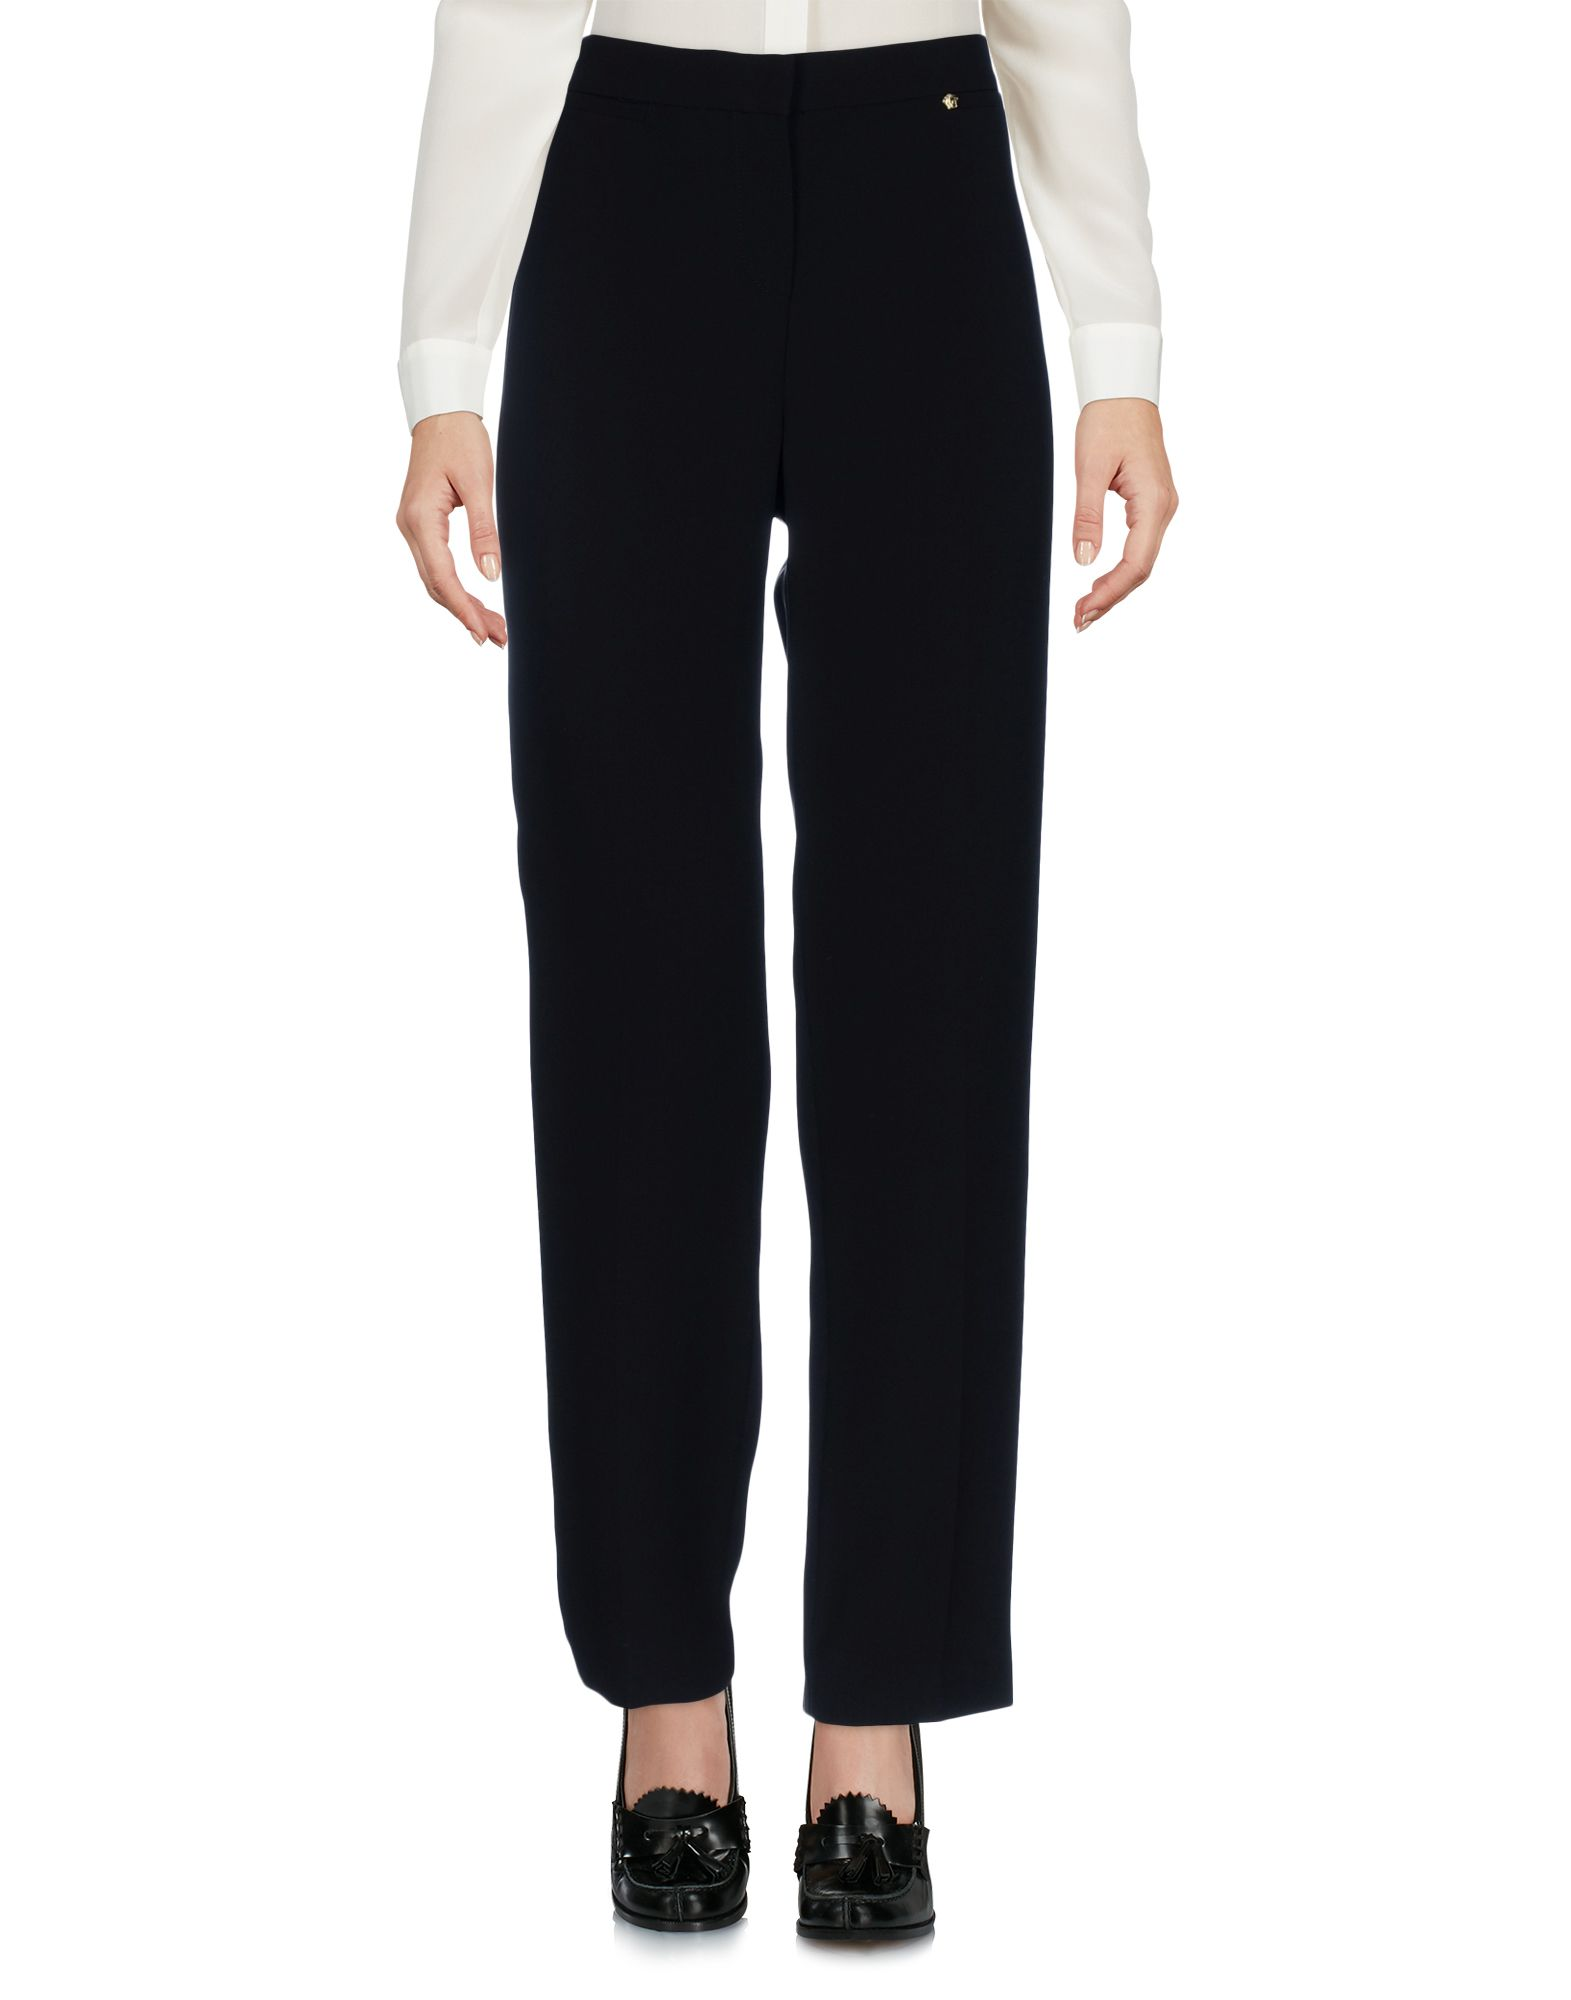 Pantalone Versace damen - 13065419KU